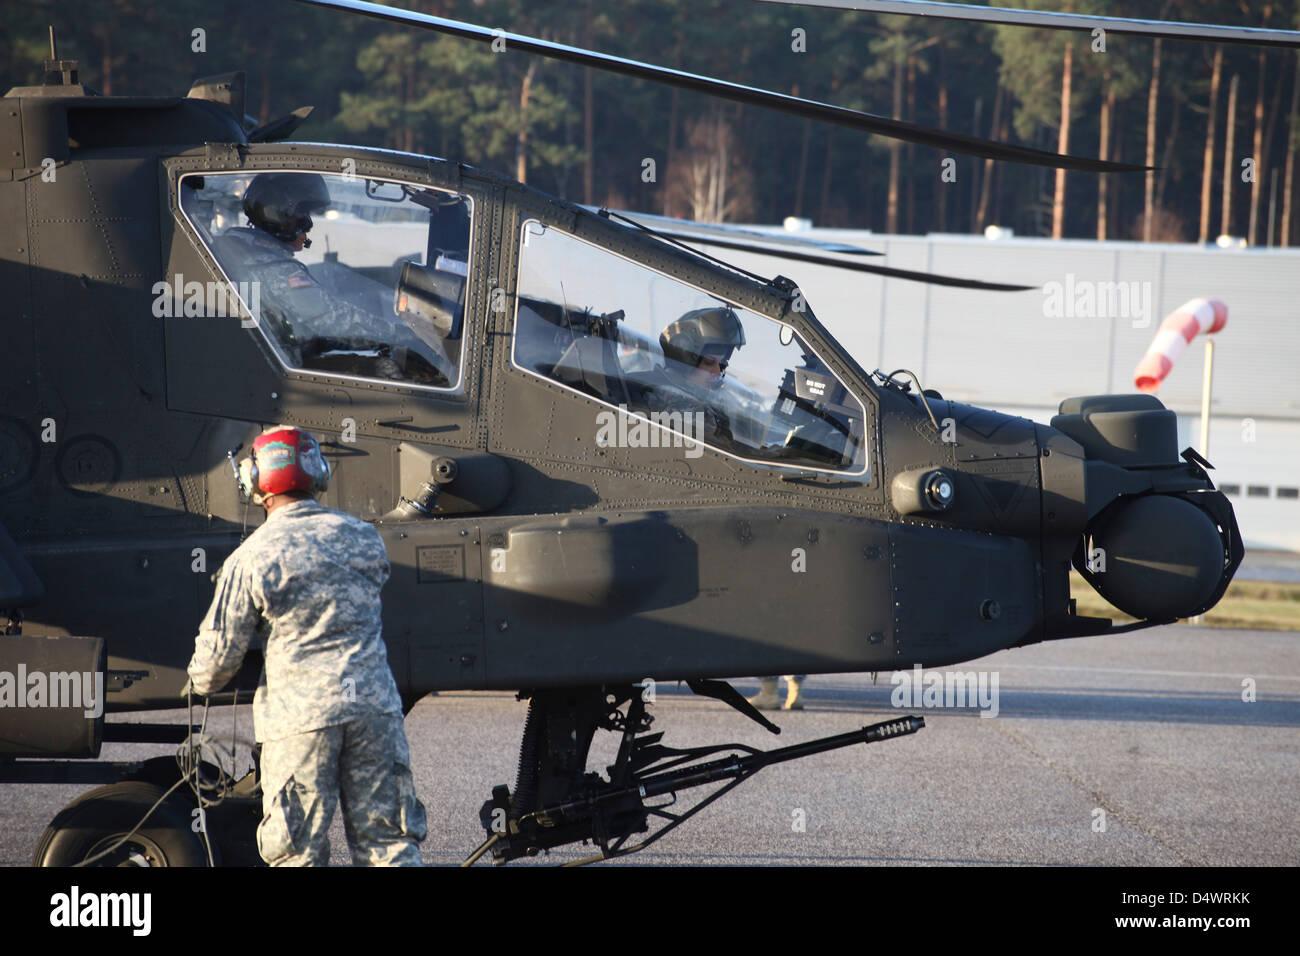 Military Helicopter Pilot Training Stock Photos & Military ... on submarine pilot, blackhawk pilot, girl plane pilot, uh-60 pilot, uh-72a lakota pilot, mig-23 pilot, uh-1 pilot, pave low pilot, apache pilot, jetpack pilot, f-35 pilot, funny pilot, ah-1 pilot, aviator pilot, v-22 osprey pilot, airplane pilot, bell 407 pilot, ch-53 pilot, chinook pilot, aircraft carrier pilot,